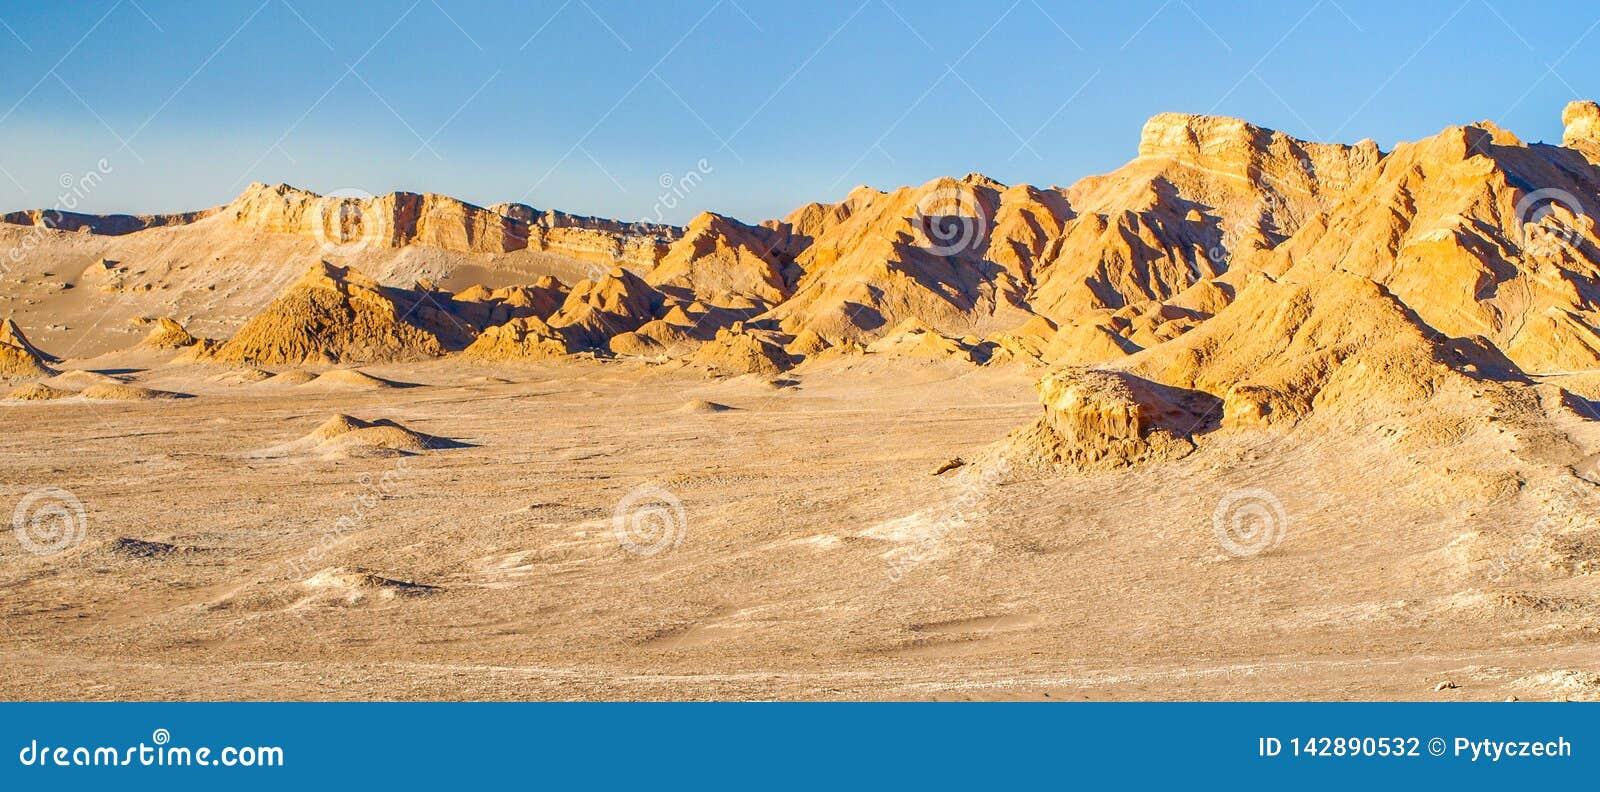 Desierto de Death Valley od Atacama cerca de San Pedro de Atacama, Chile